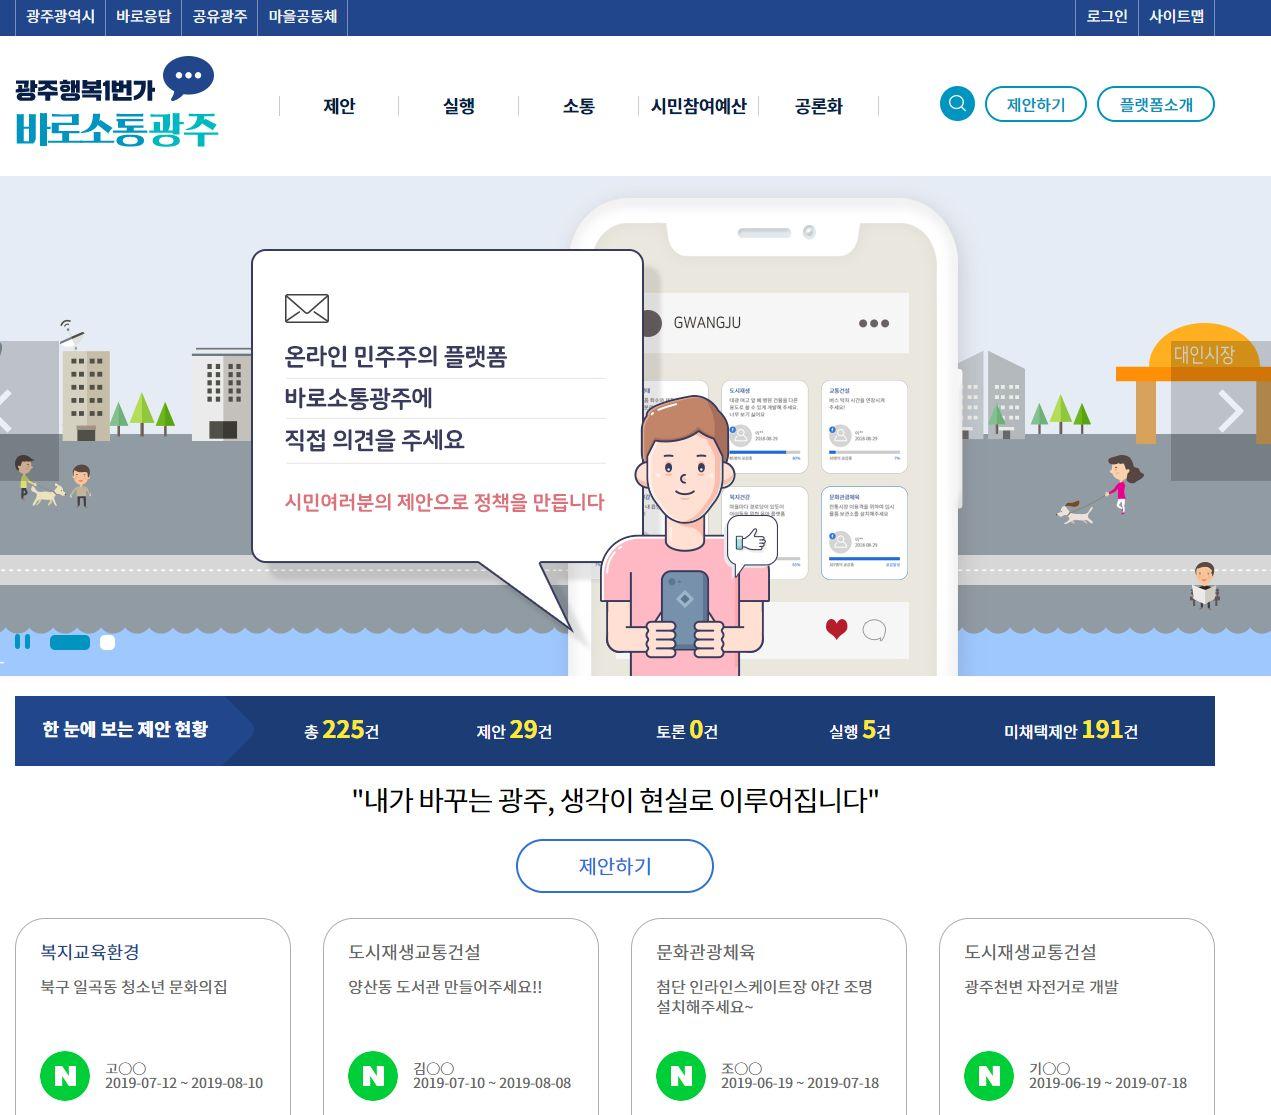 민주주의플랫폼 / 광주광역시청